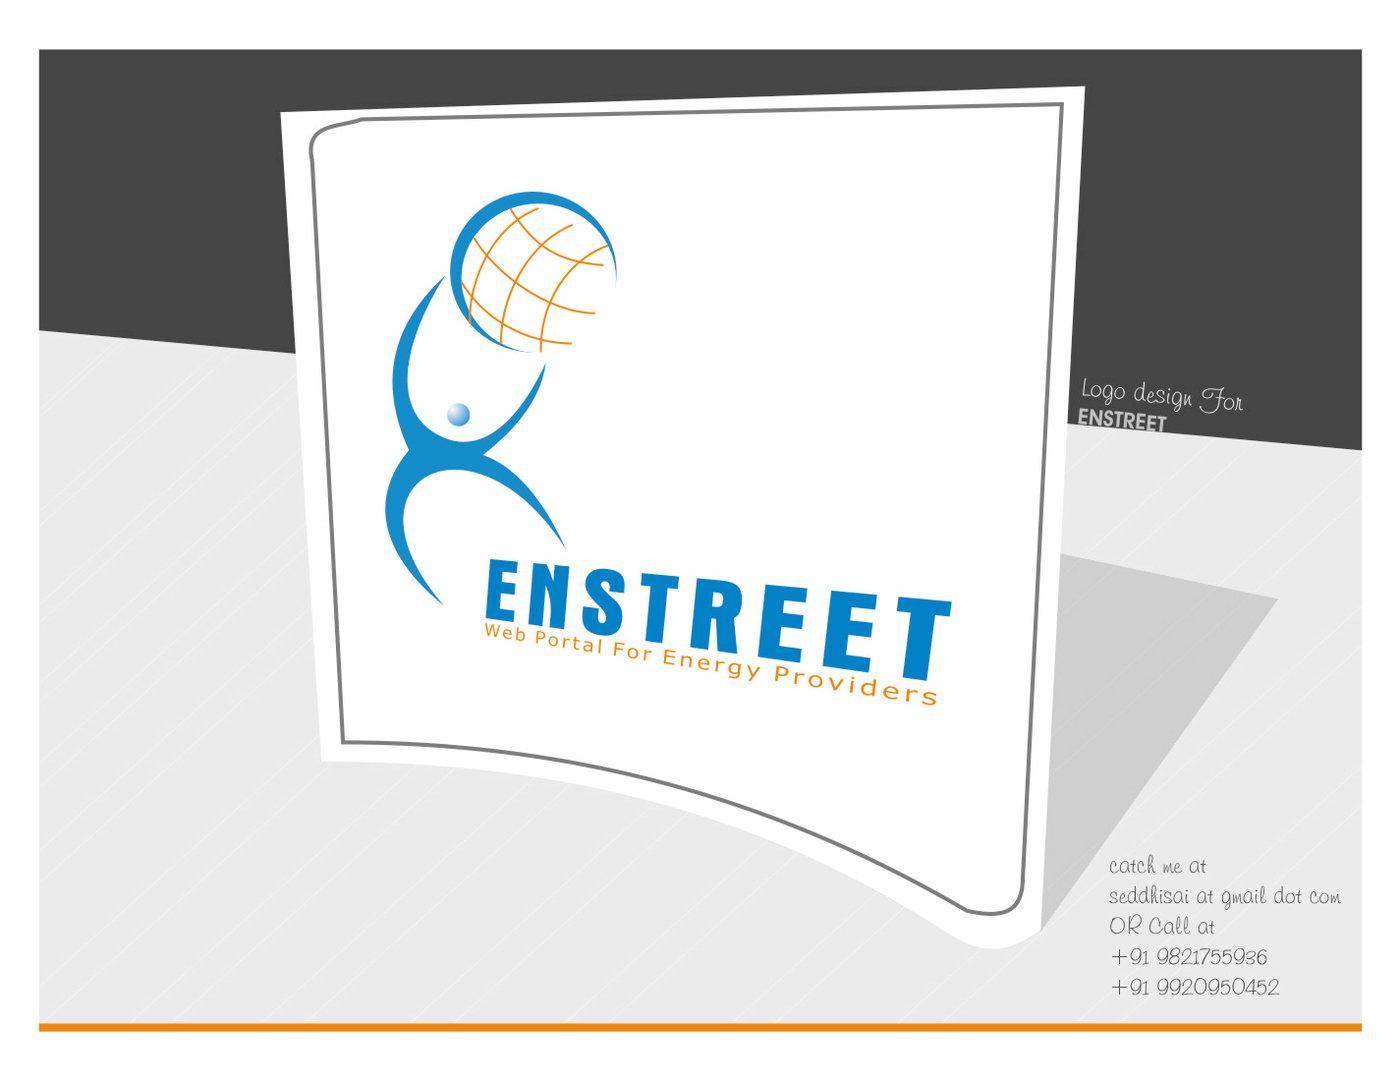 logo design for enstreet